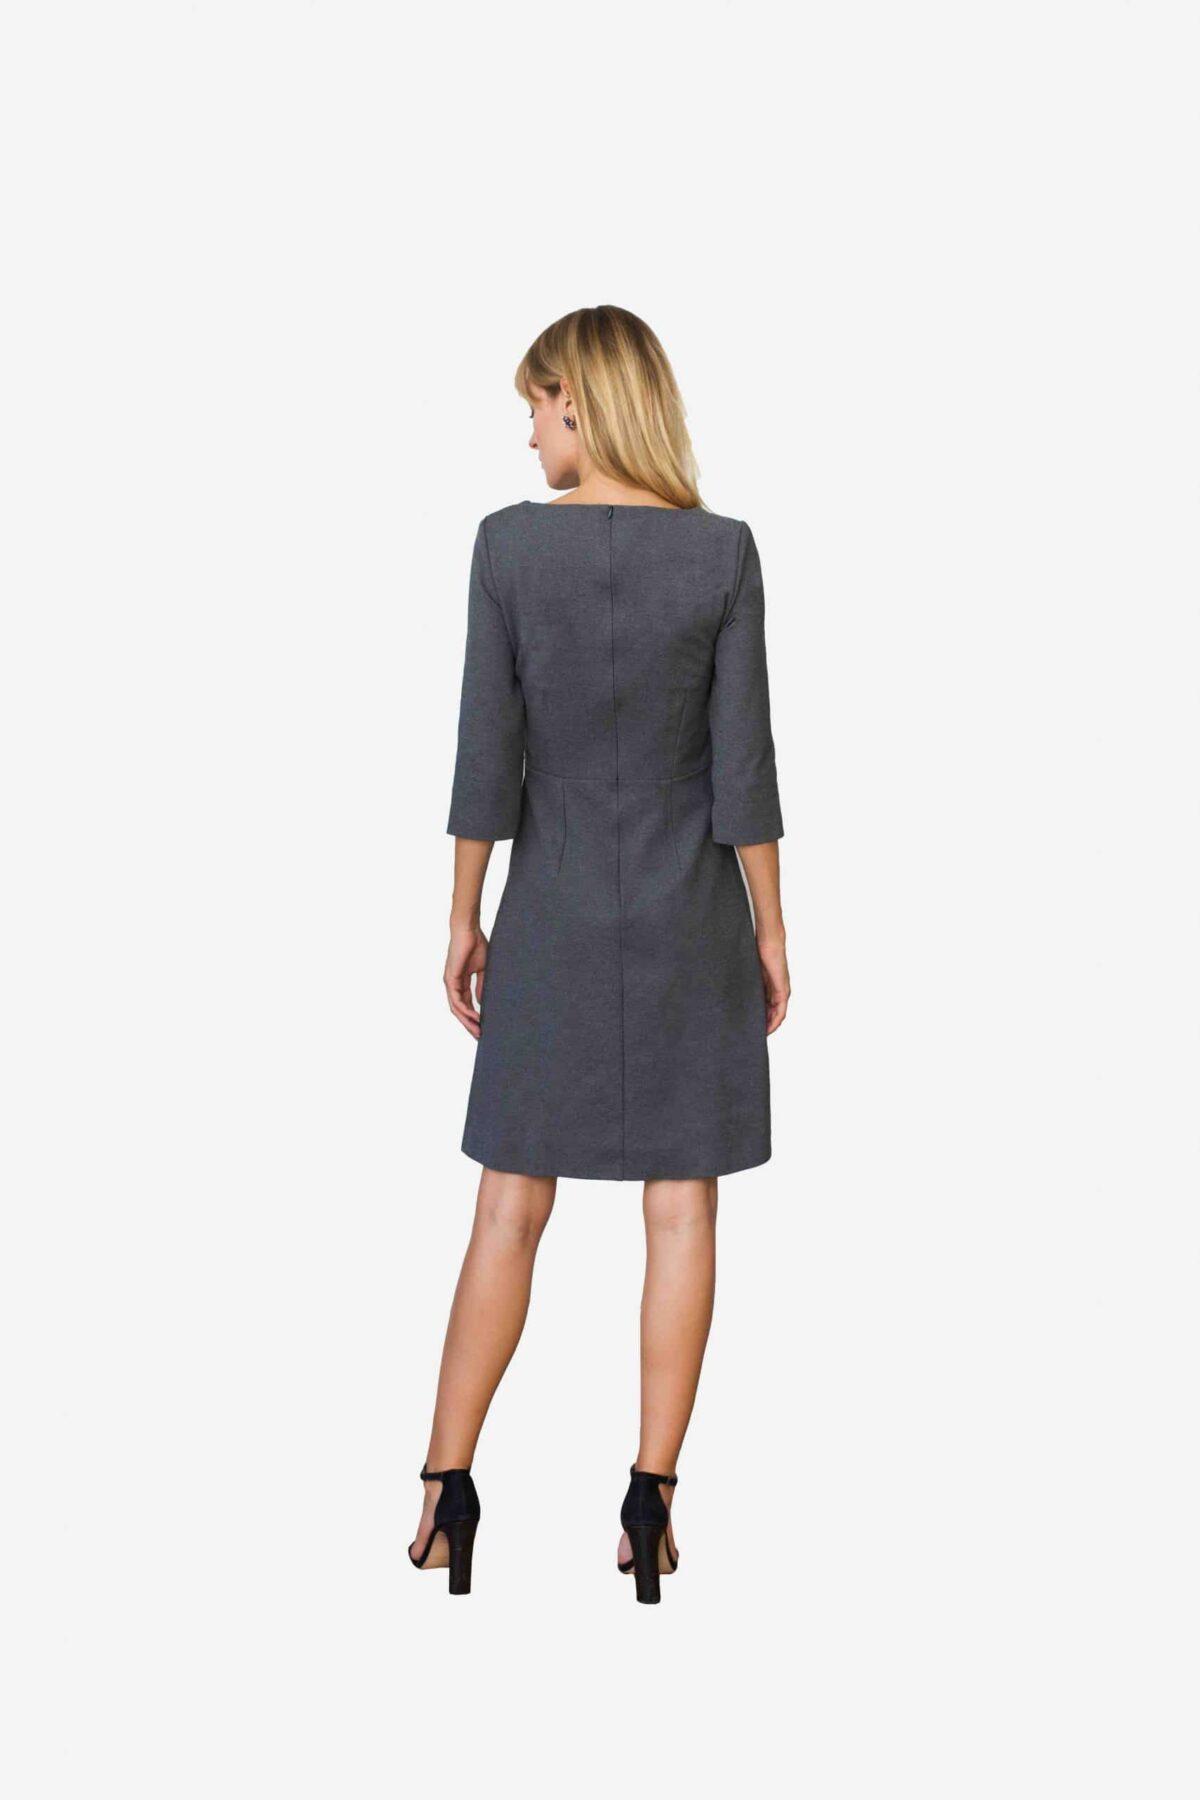 Kleid Alison von SANOGE. Hergestellt in Deutschland. Aus Stoff mit Stretch.